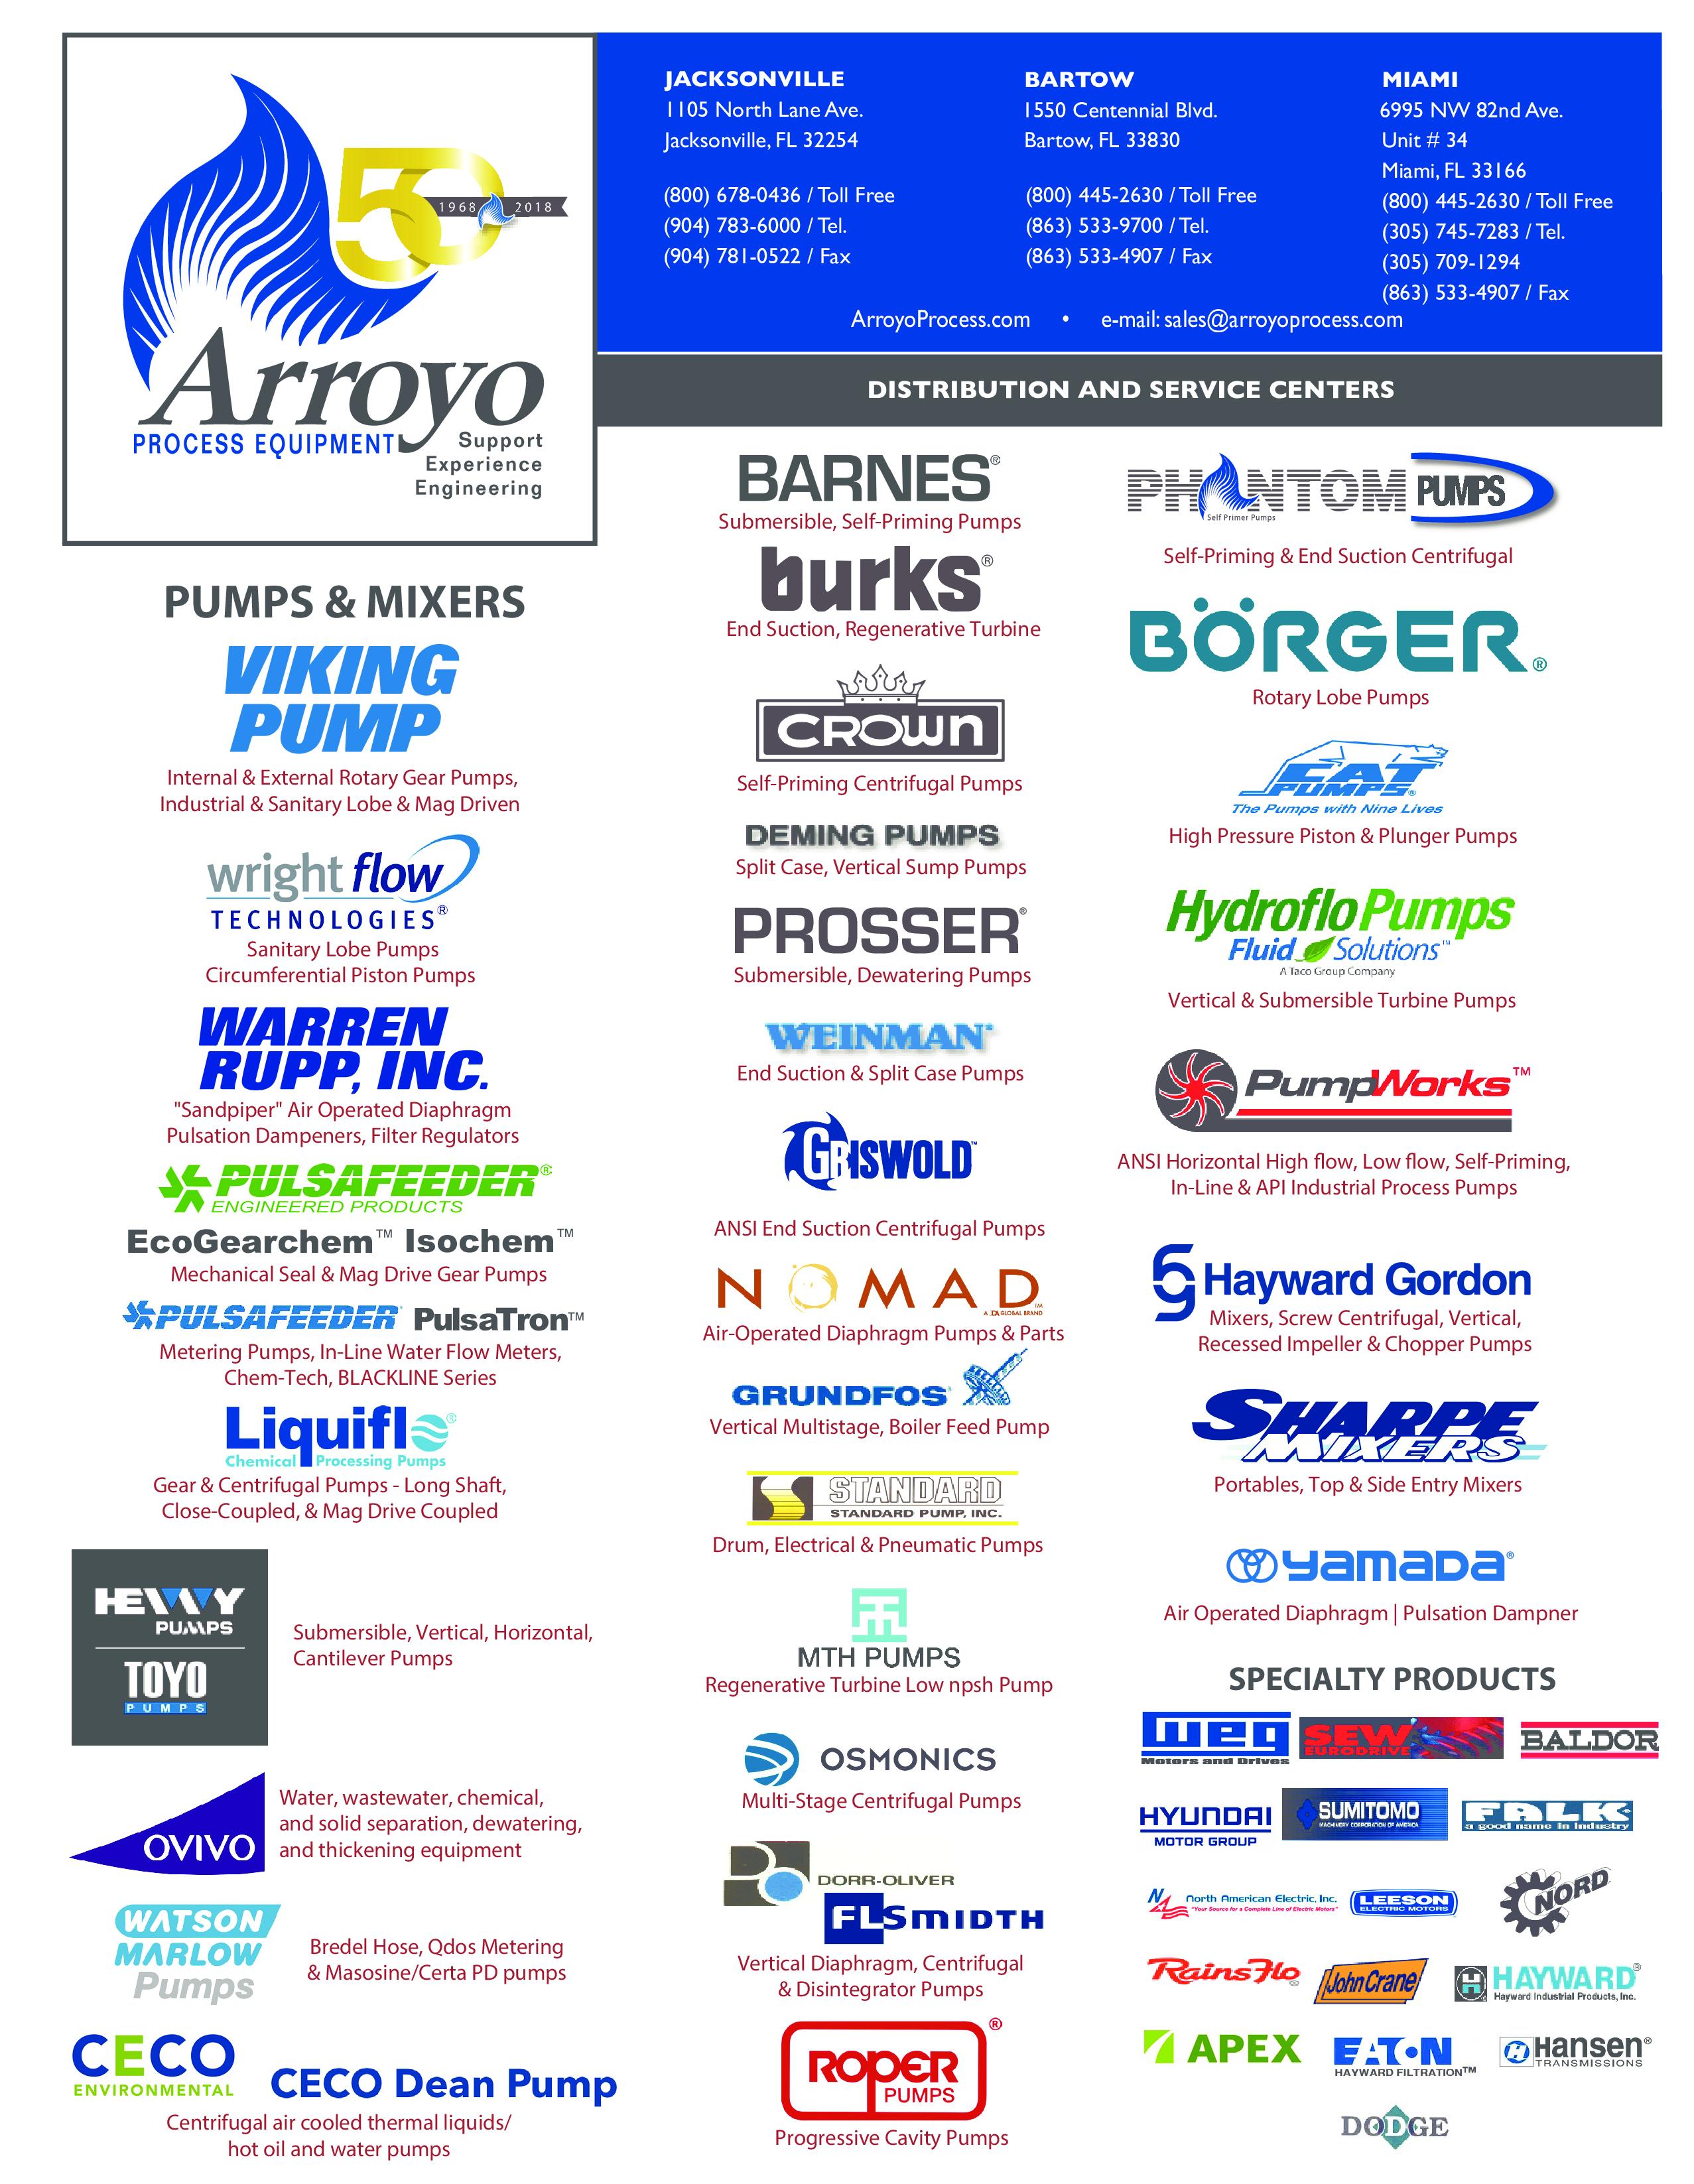 Arroyo Linecard 2020